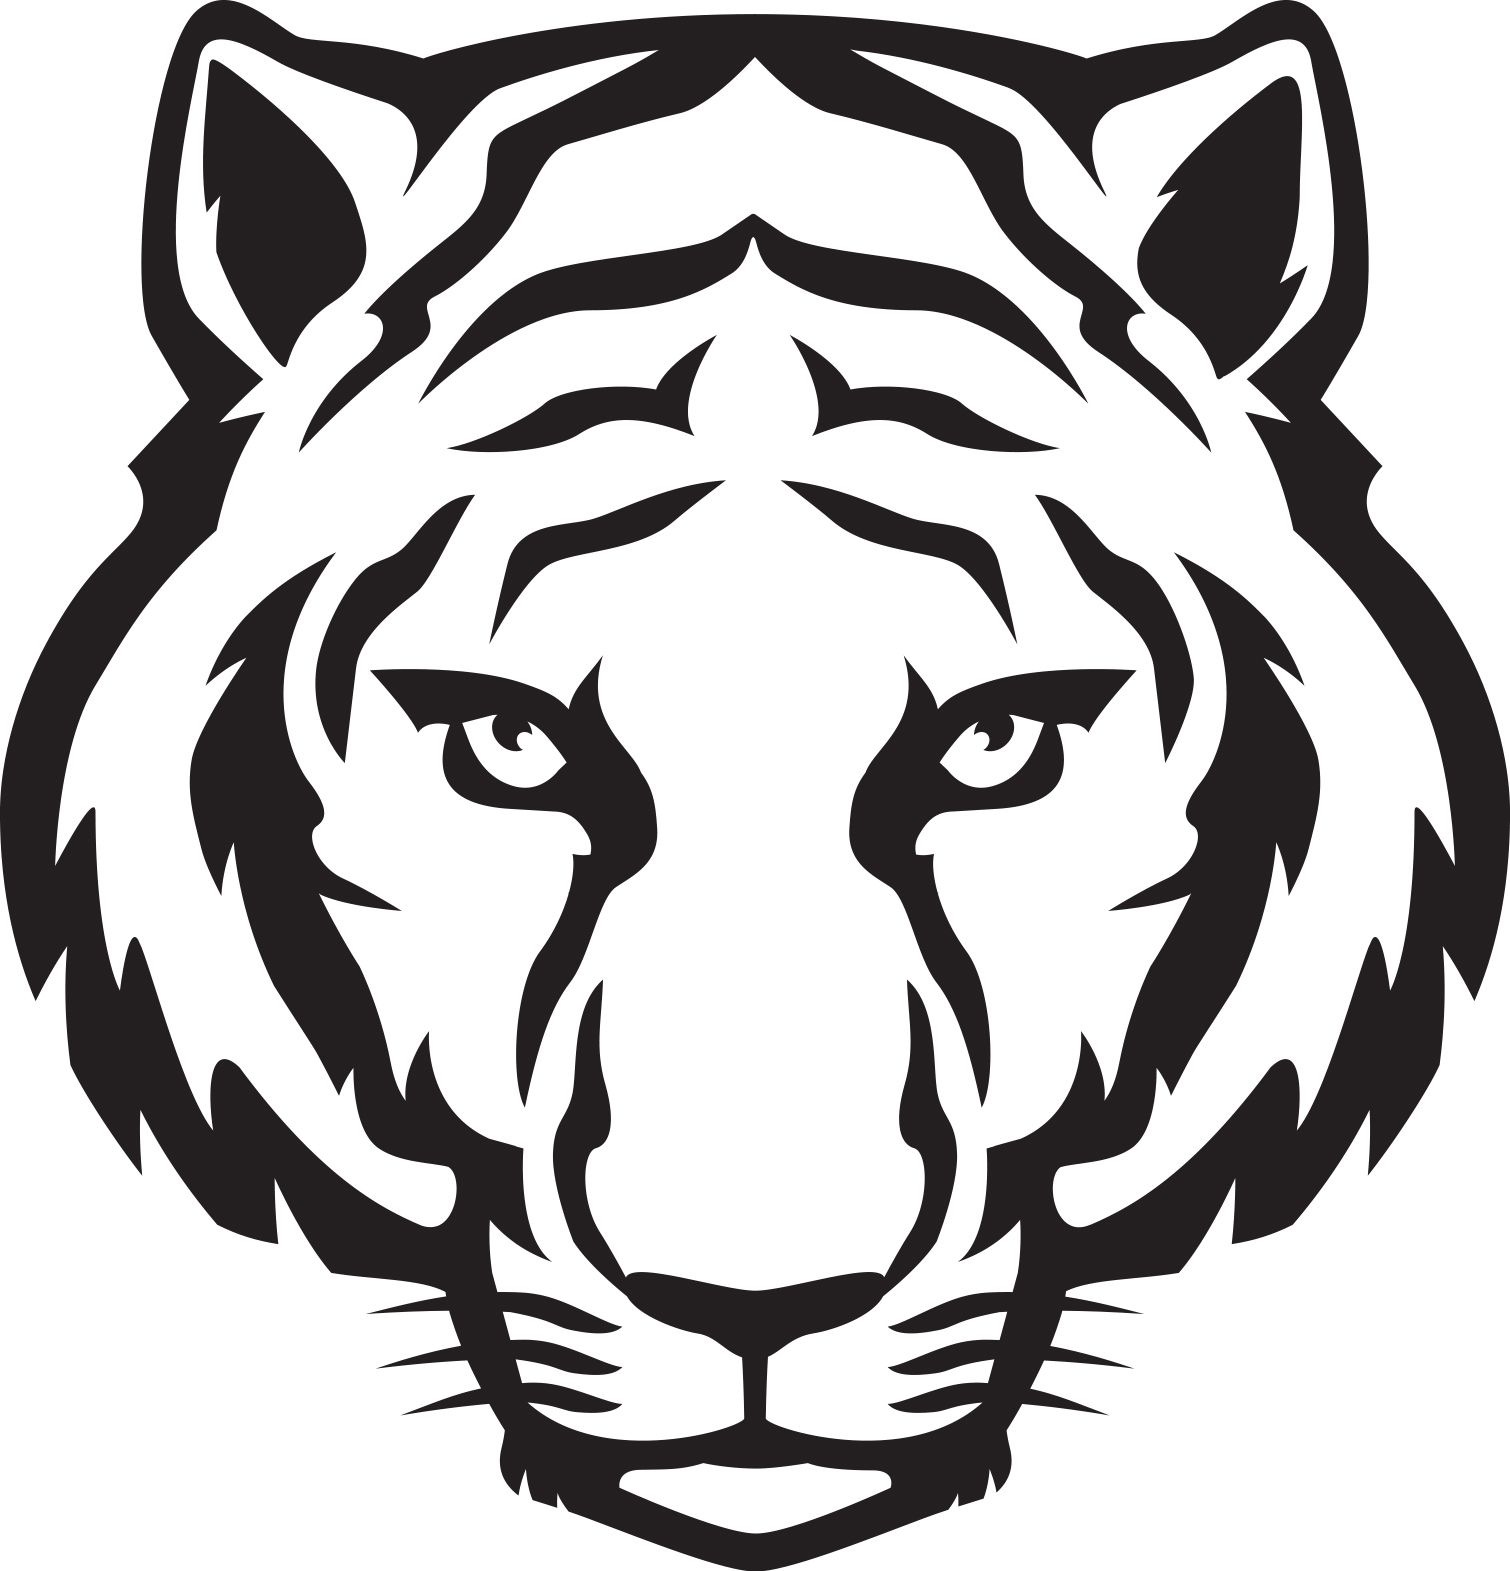 Tiger Head Outline